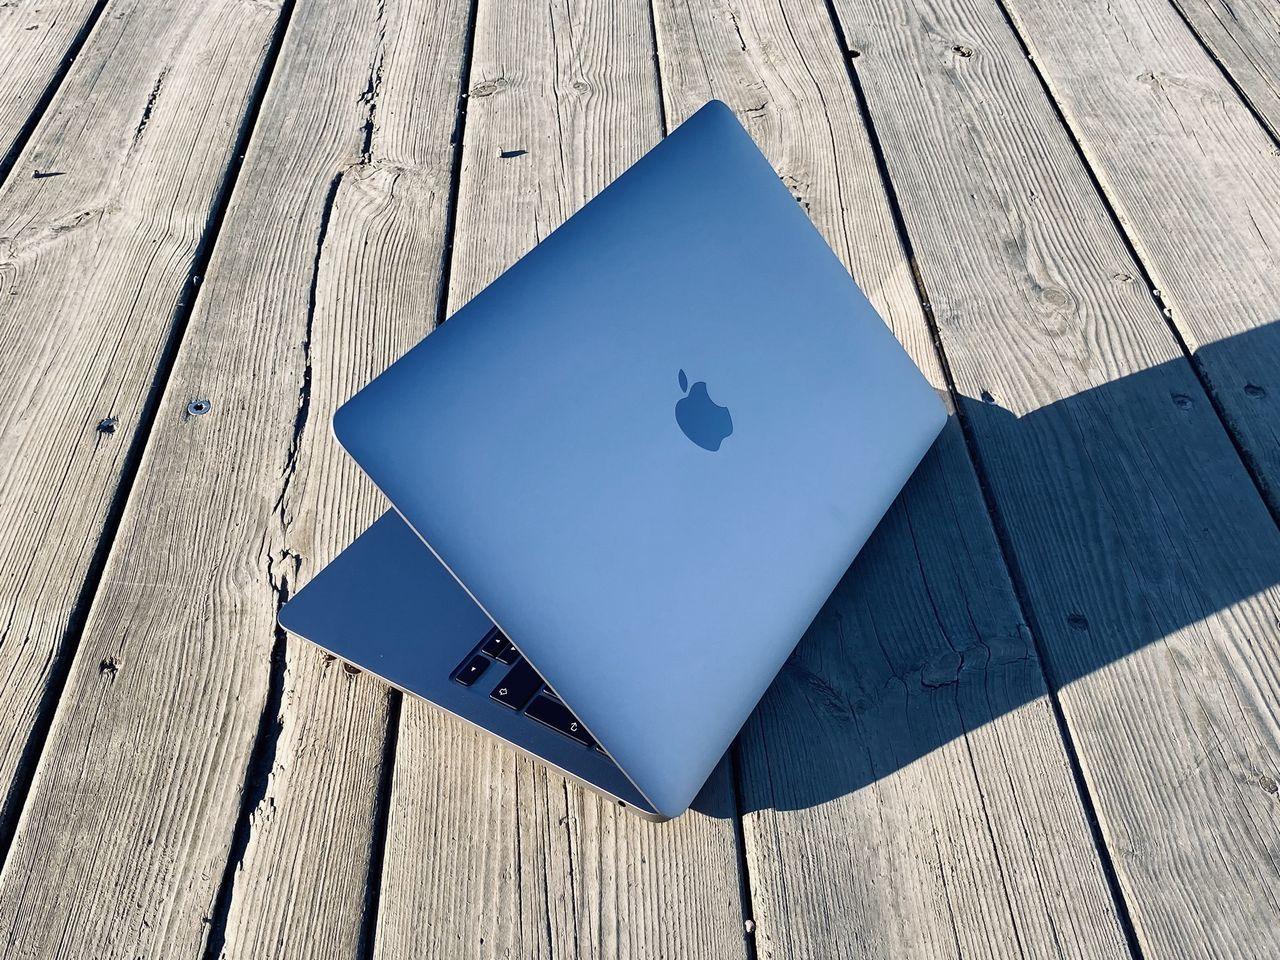 Apple fixar bättre batterihantering på Macbooks